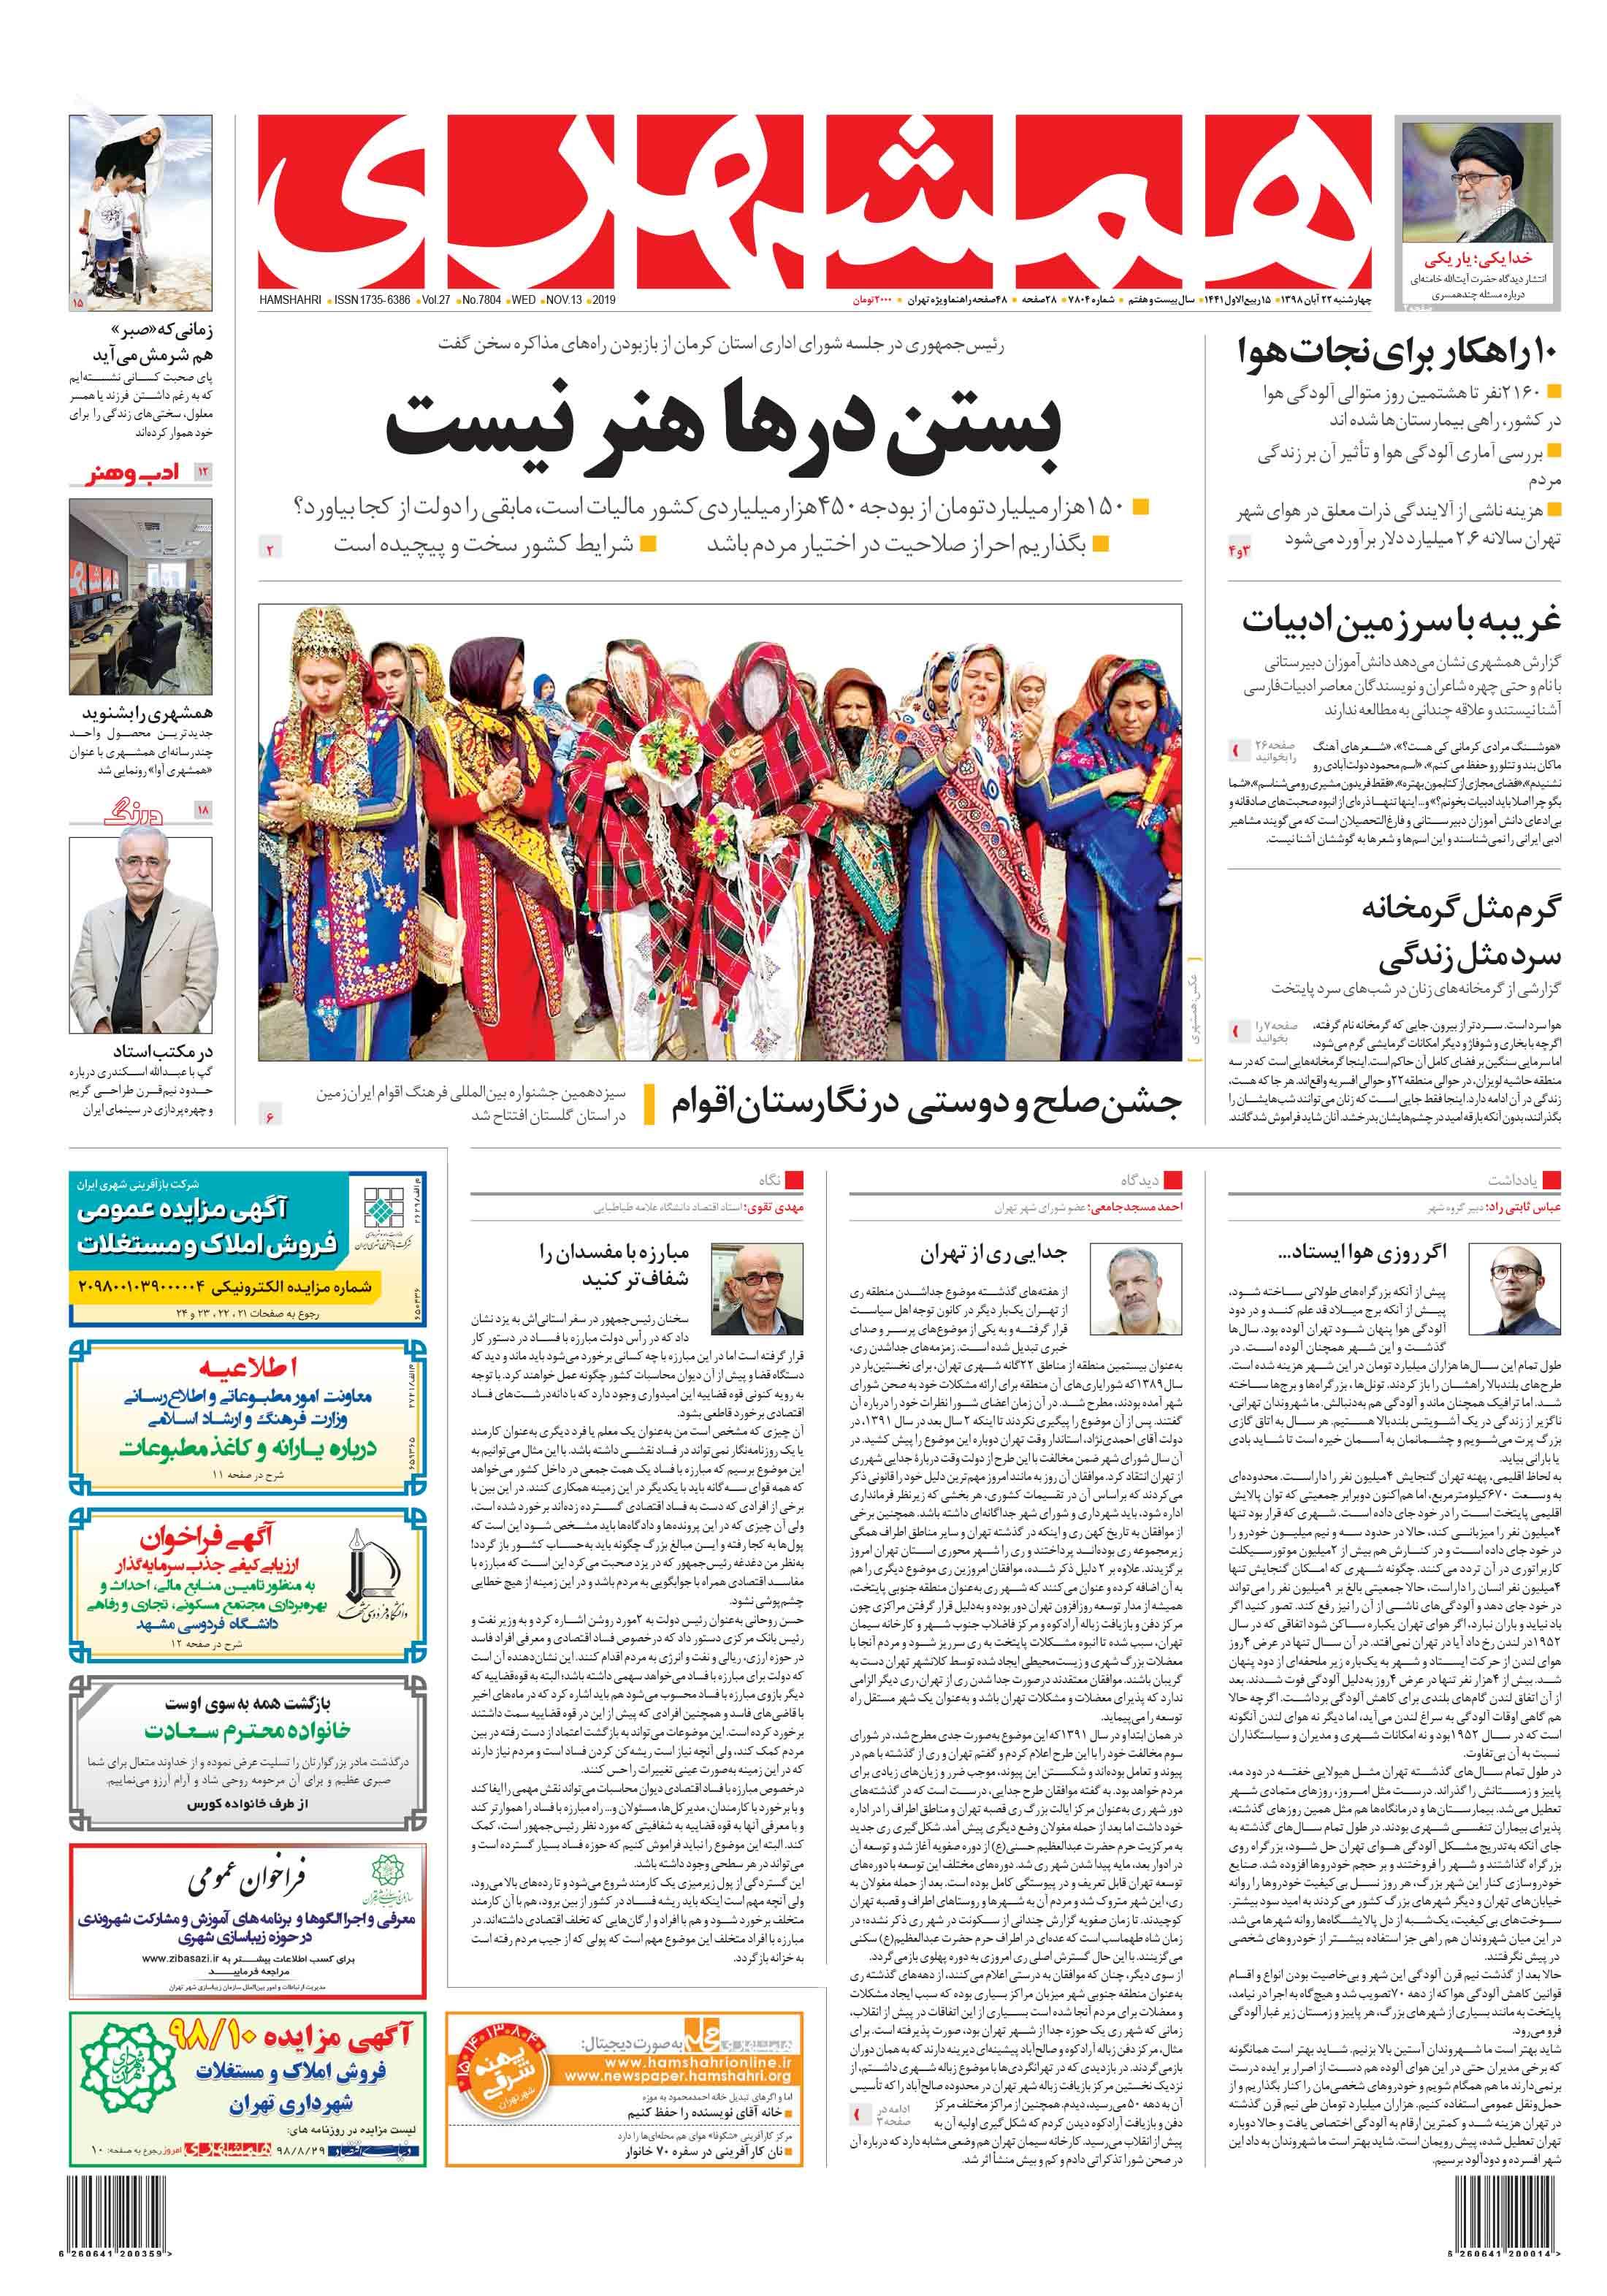 صفحه اول چهارشنبه 22 آبان 1398